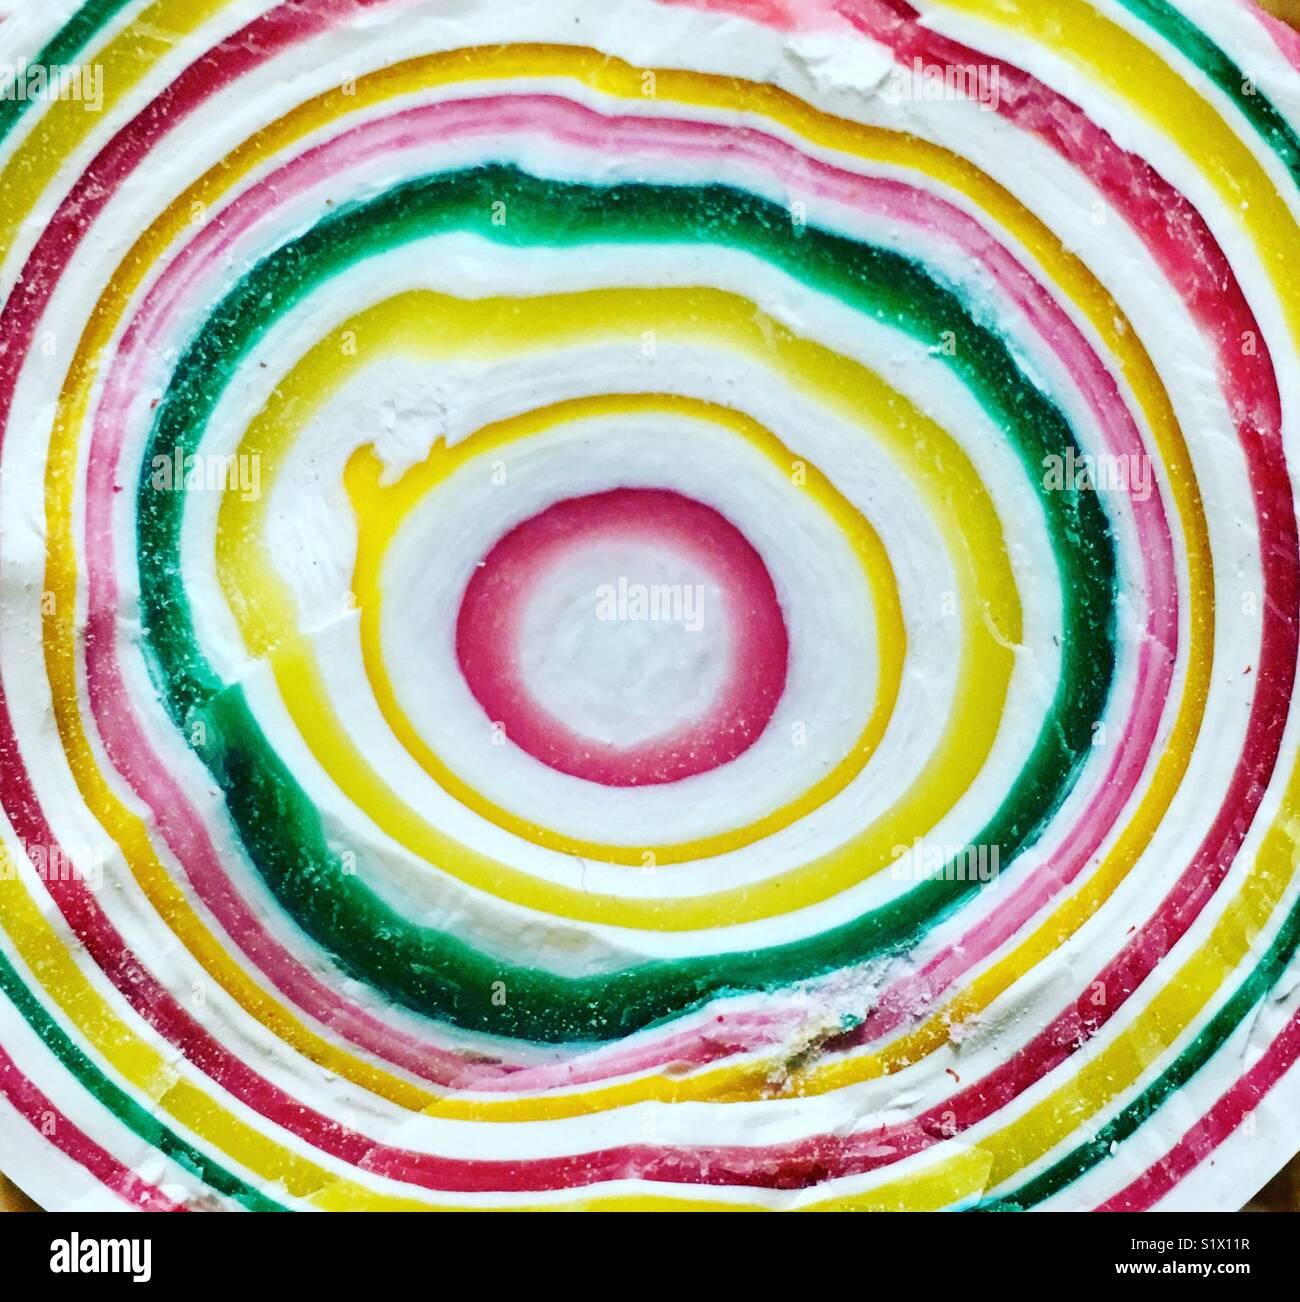 Split Gobstopper dulce mostrando colorido patrón de timbre. Imagen De Stock